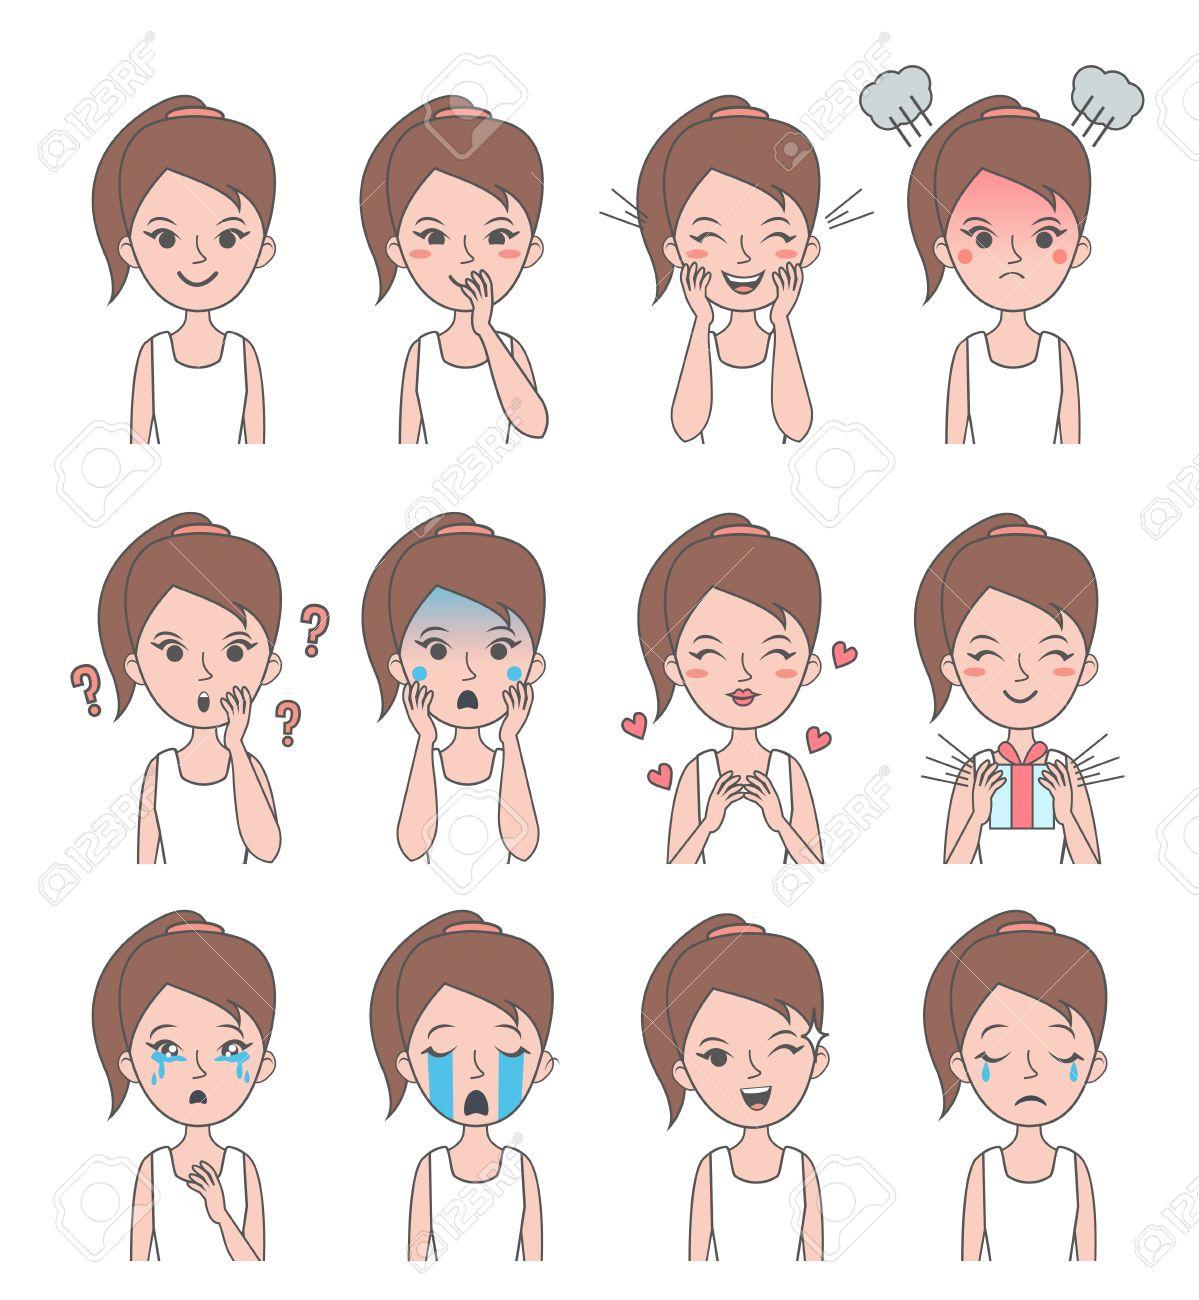 Fille Visage Emotion Vector Girl Avatars Avec Des Emotions Differentes Vector Illustration Clip Art Libres De Droits Vecteurs Et Illustration Image 58018135